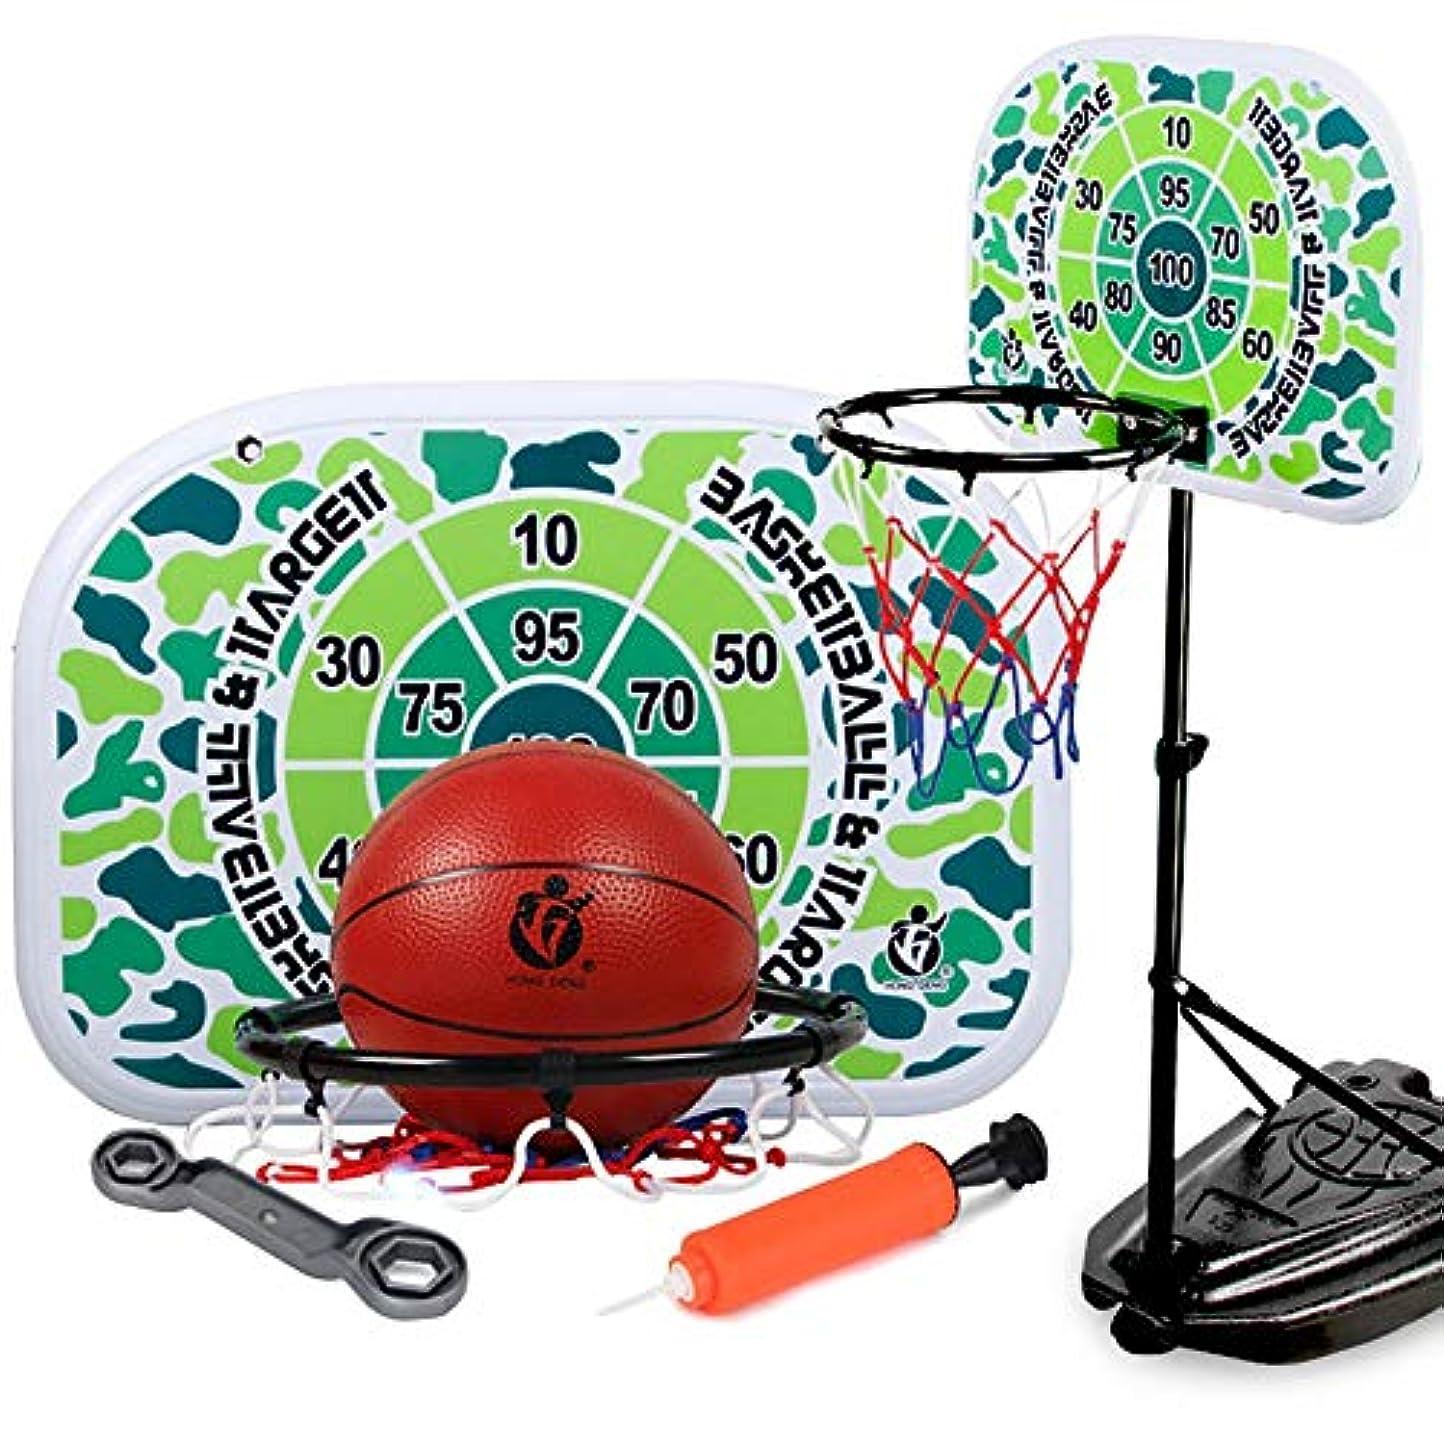 苦しむ膨らみヘリコプターバスケットゴール 子供用 キッズバスケットボールフープバスケットボールのおもちゃポータブル屋内屋外を再生する子供のためのセットのボールゲーム高さ調節スタンド ボール付き 室内 屋外用 (Color : Green, Size : 34x170cm)